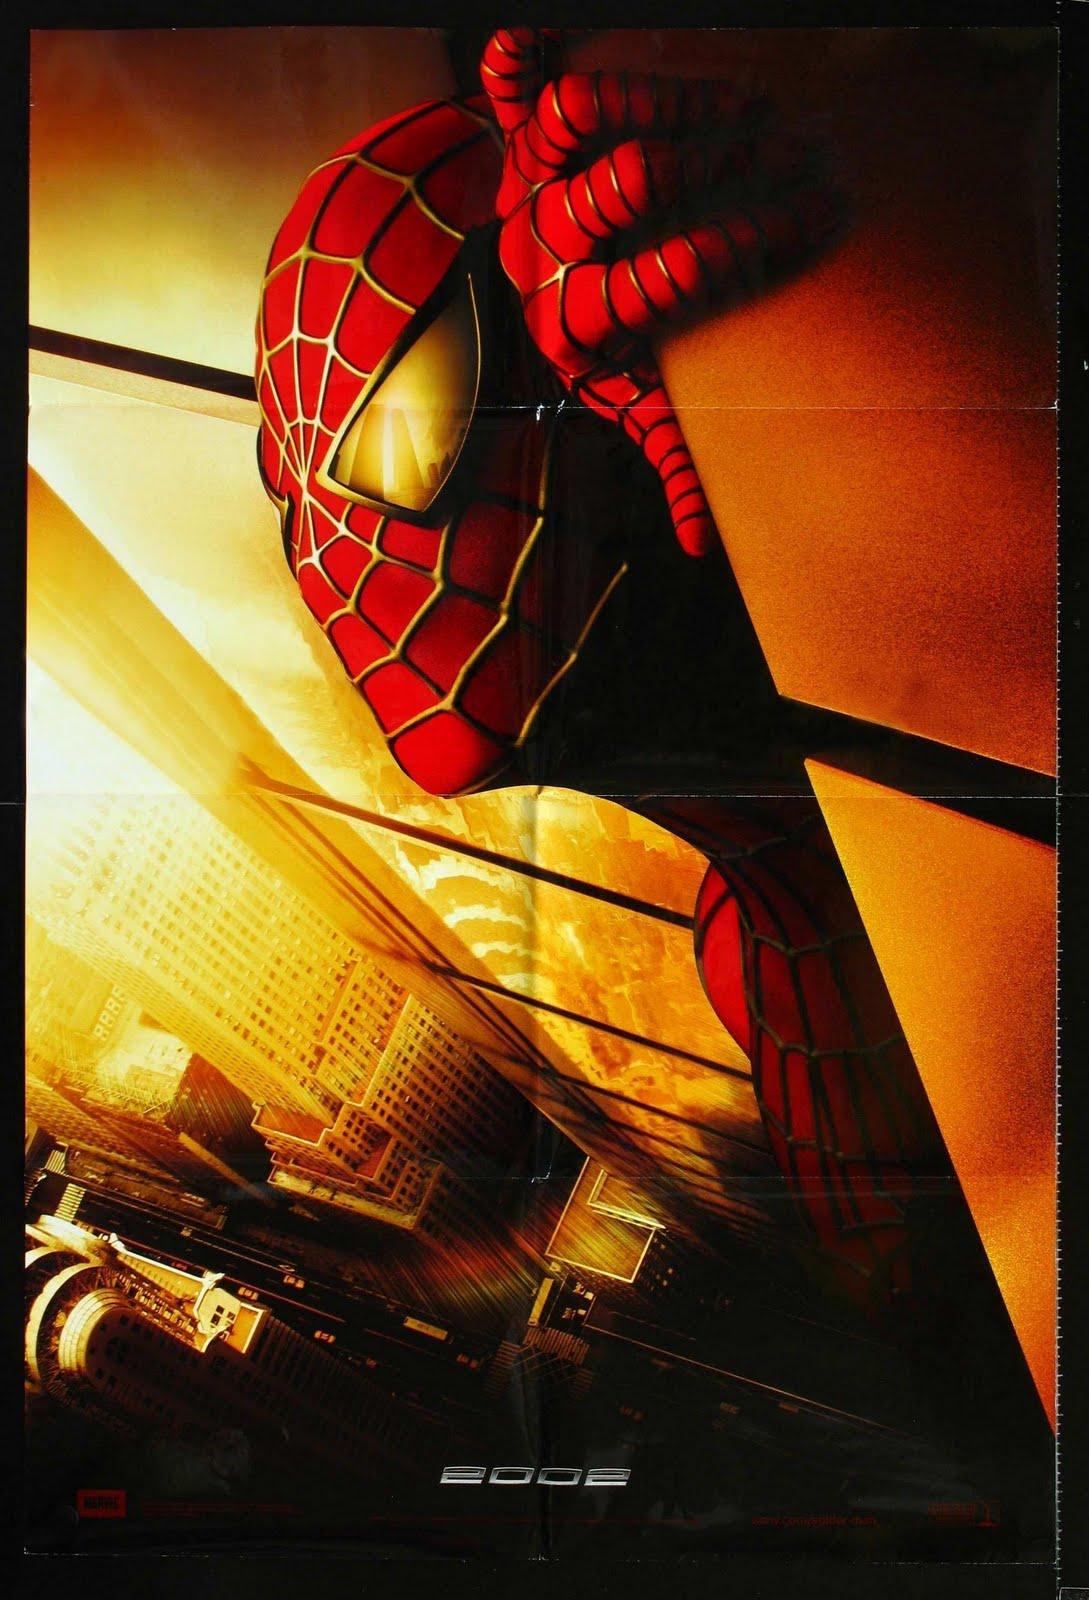 """: Movie Poster: """"Spider-Man"""" [2002] (Recalled Poster)"""